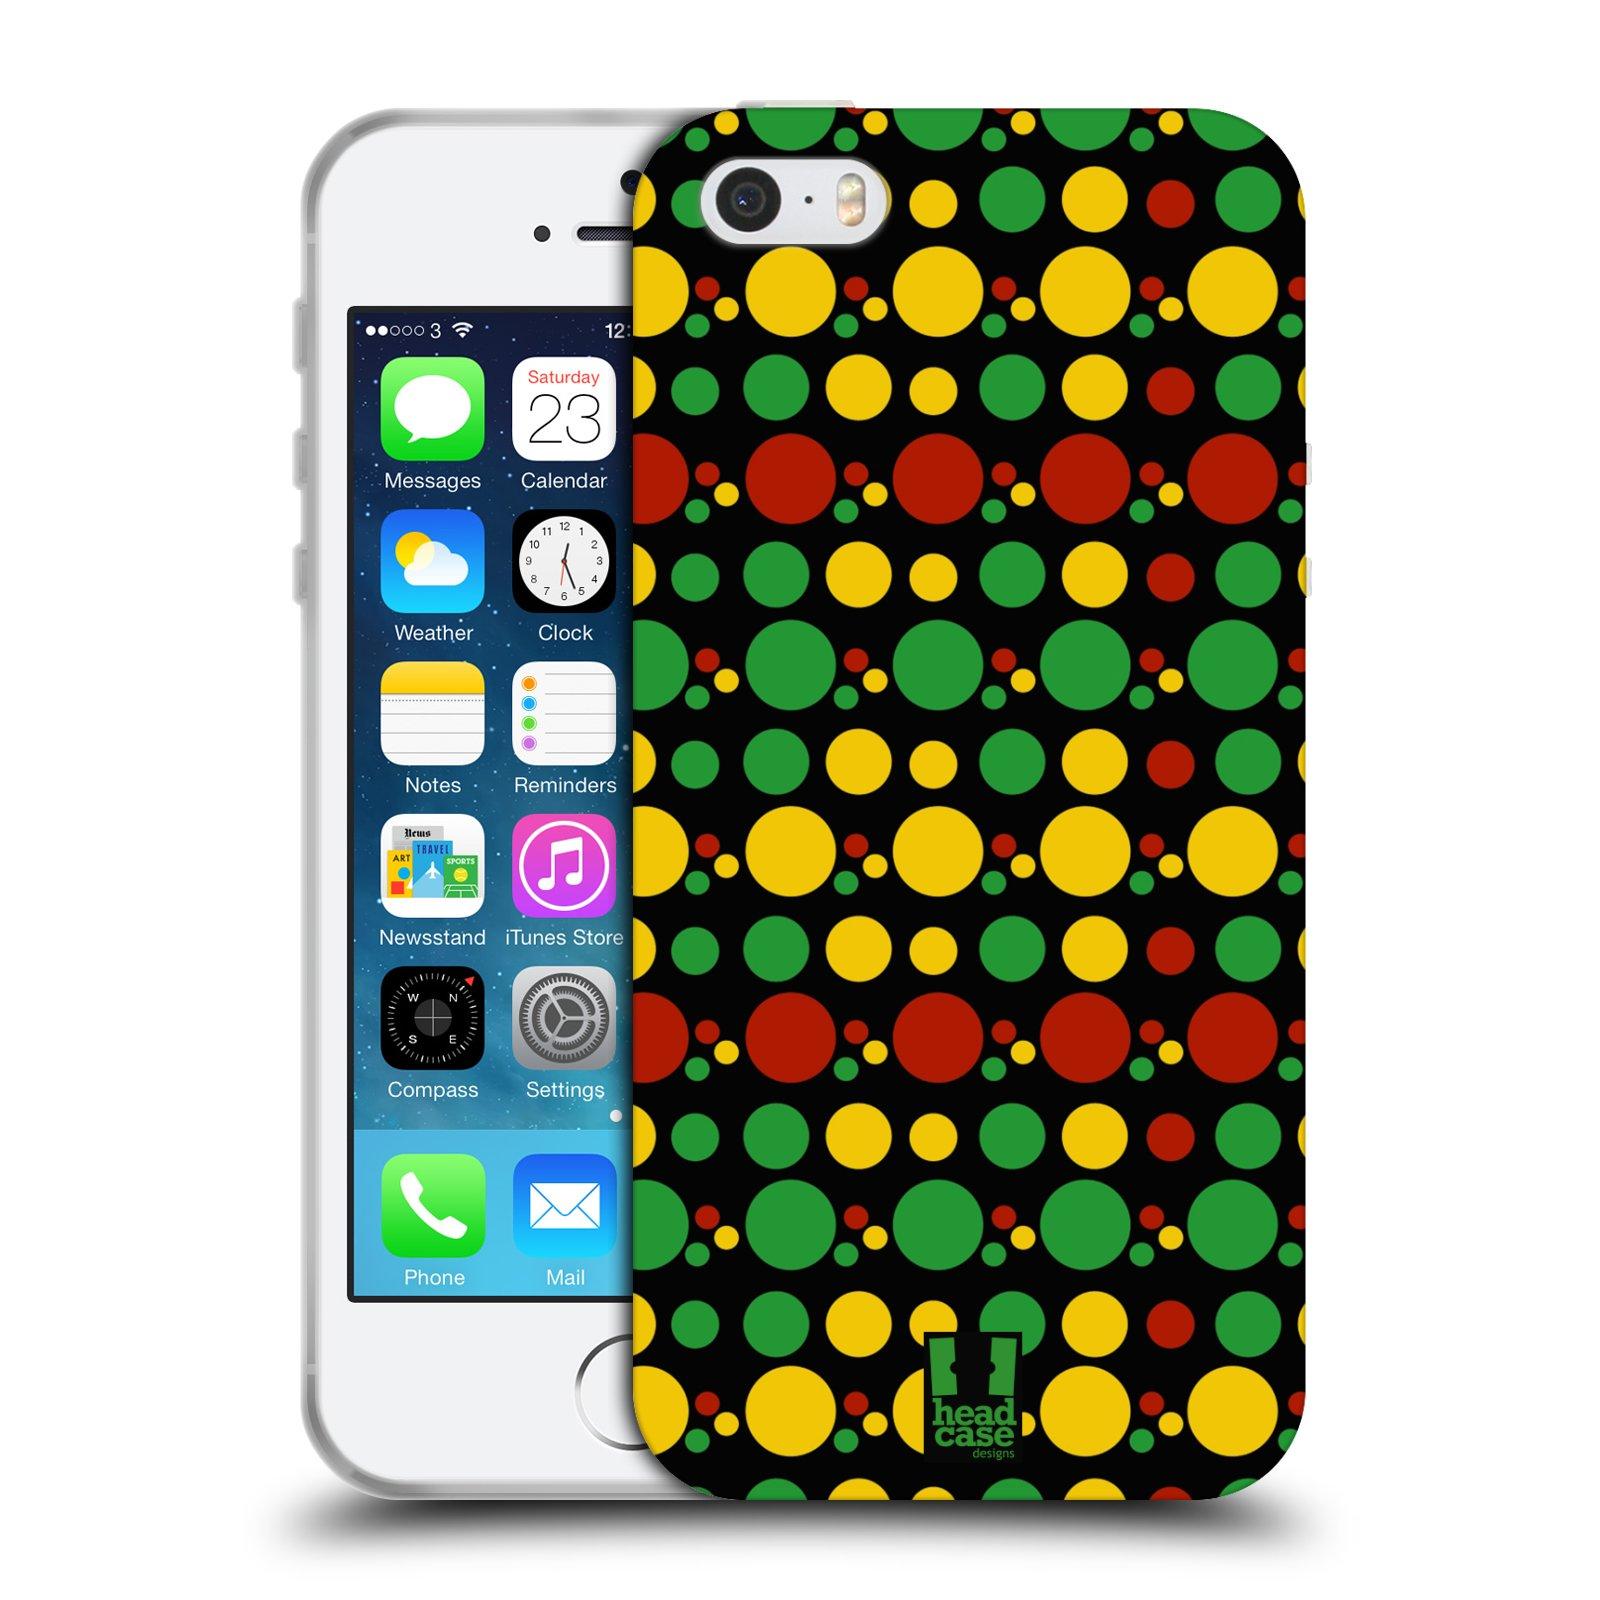 HEAD CASE silikonový obal na mobil Apple Iphone 5/5S vzor Rasta barevné vzory KRUHY